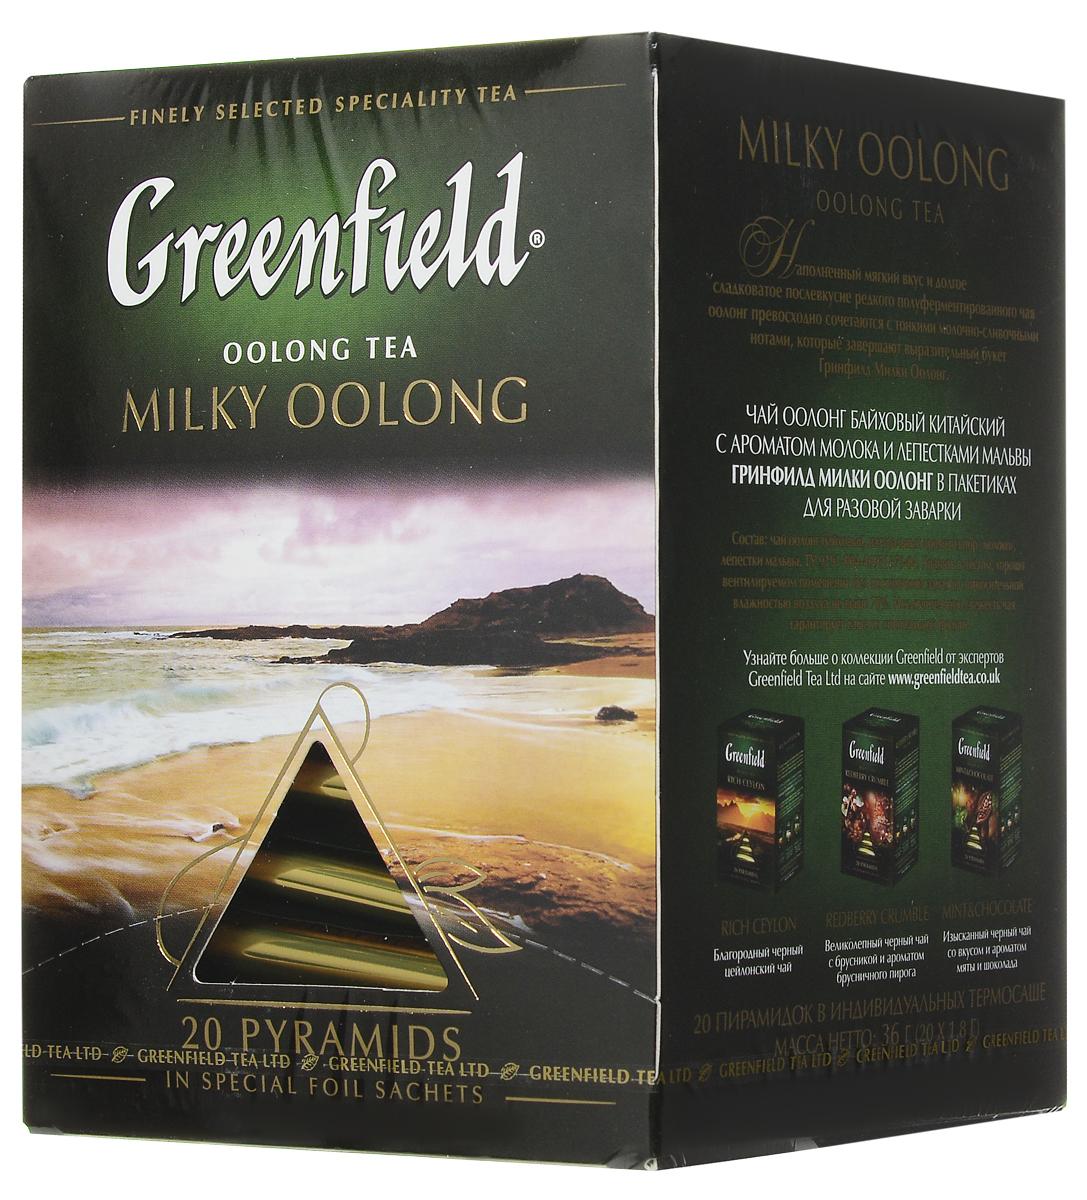 Greenfield Milky Oolong чай улун в пирамидках, 20 шт0905-08Наполненный мягкий вкус и долгое сладковатое послевкусие редкого полуферментированного чая Oolong превосходно сочетаются с тонкими молочно-сливочными нотами, которые завершают выразительный букет Greenfield Milky Oolong.